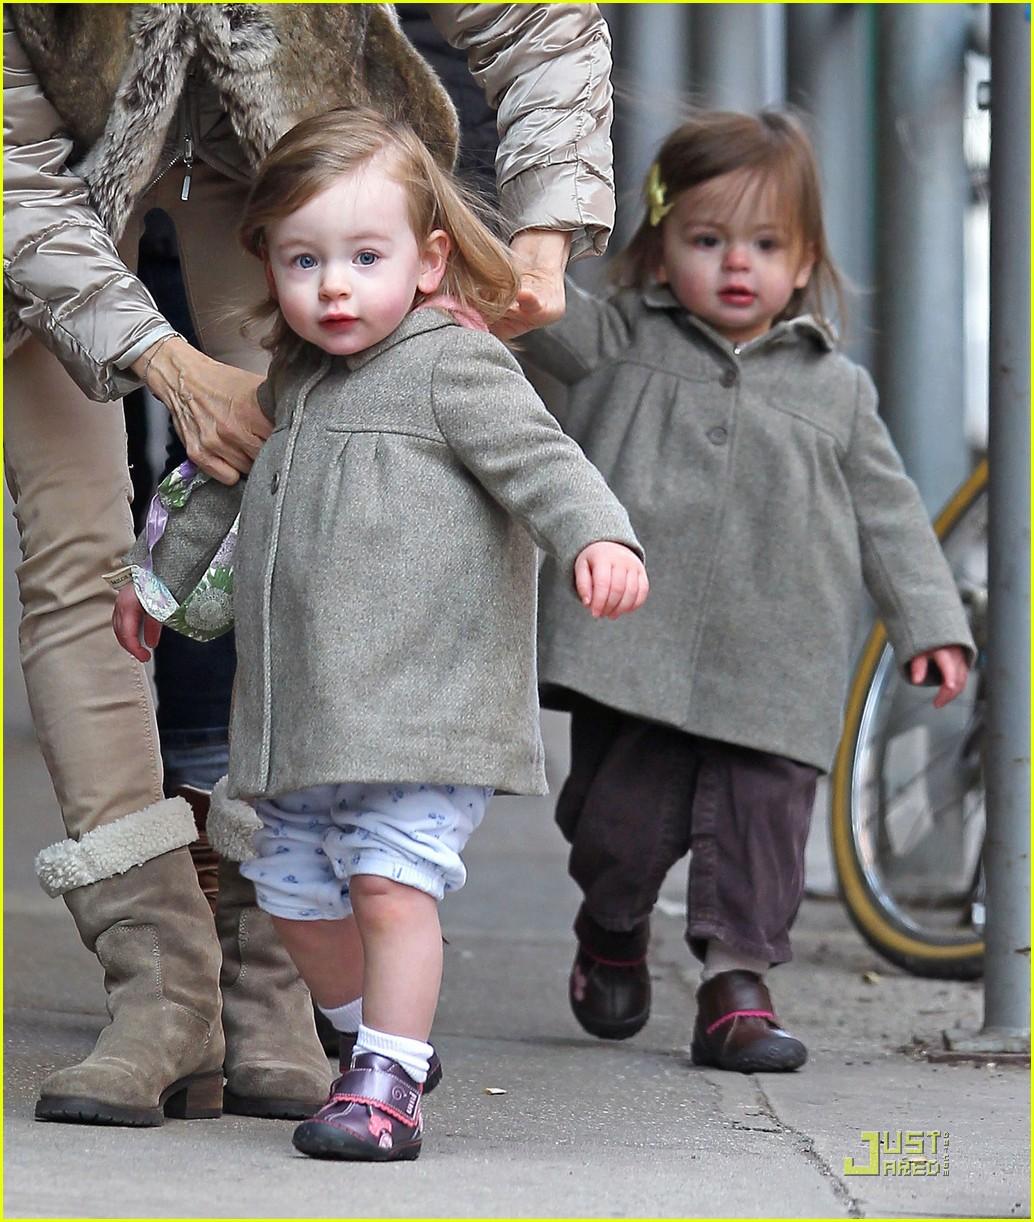 http://3.bp.blogspot.com/-JH154ooFkdw/TZAI5uHTNyI/AAAAAAAAJF0/FsnUFreNnW4/s1600/ksarah-jessica-parker-birthday-stroll-twins-08.jpg